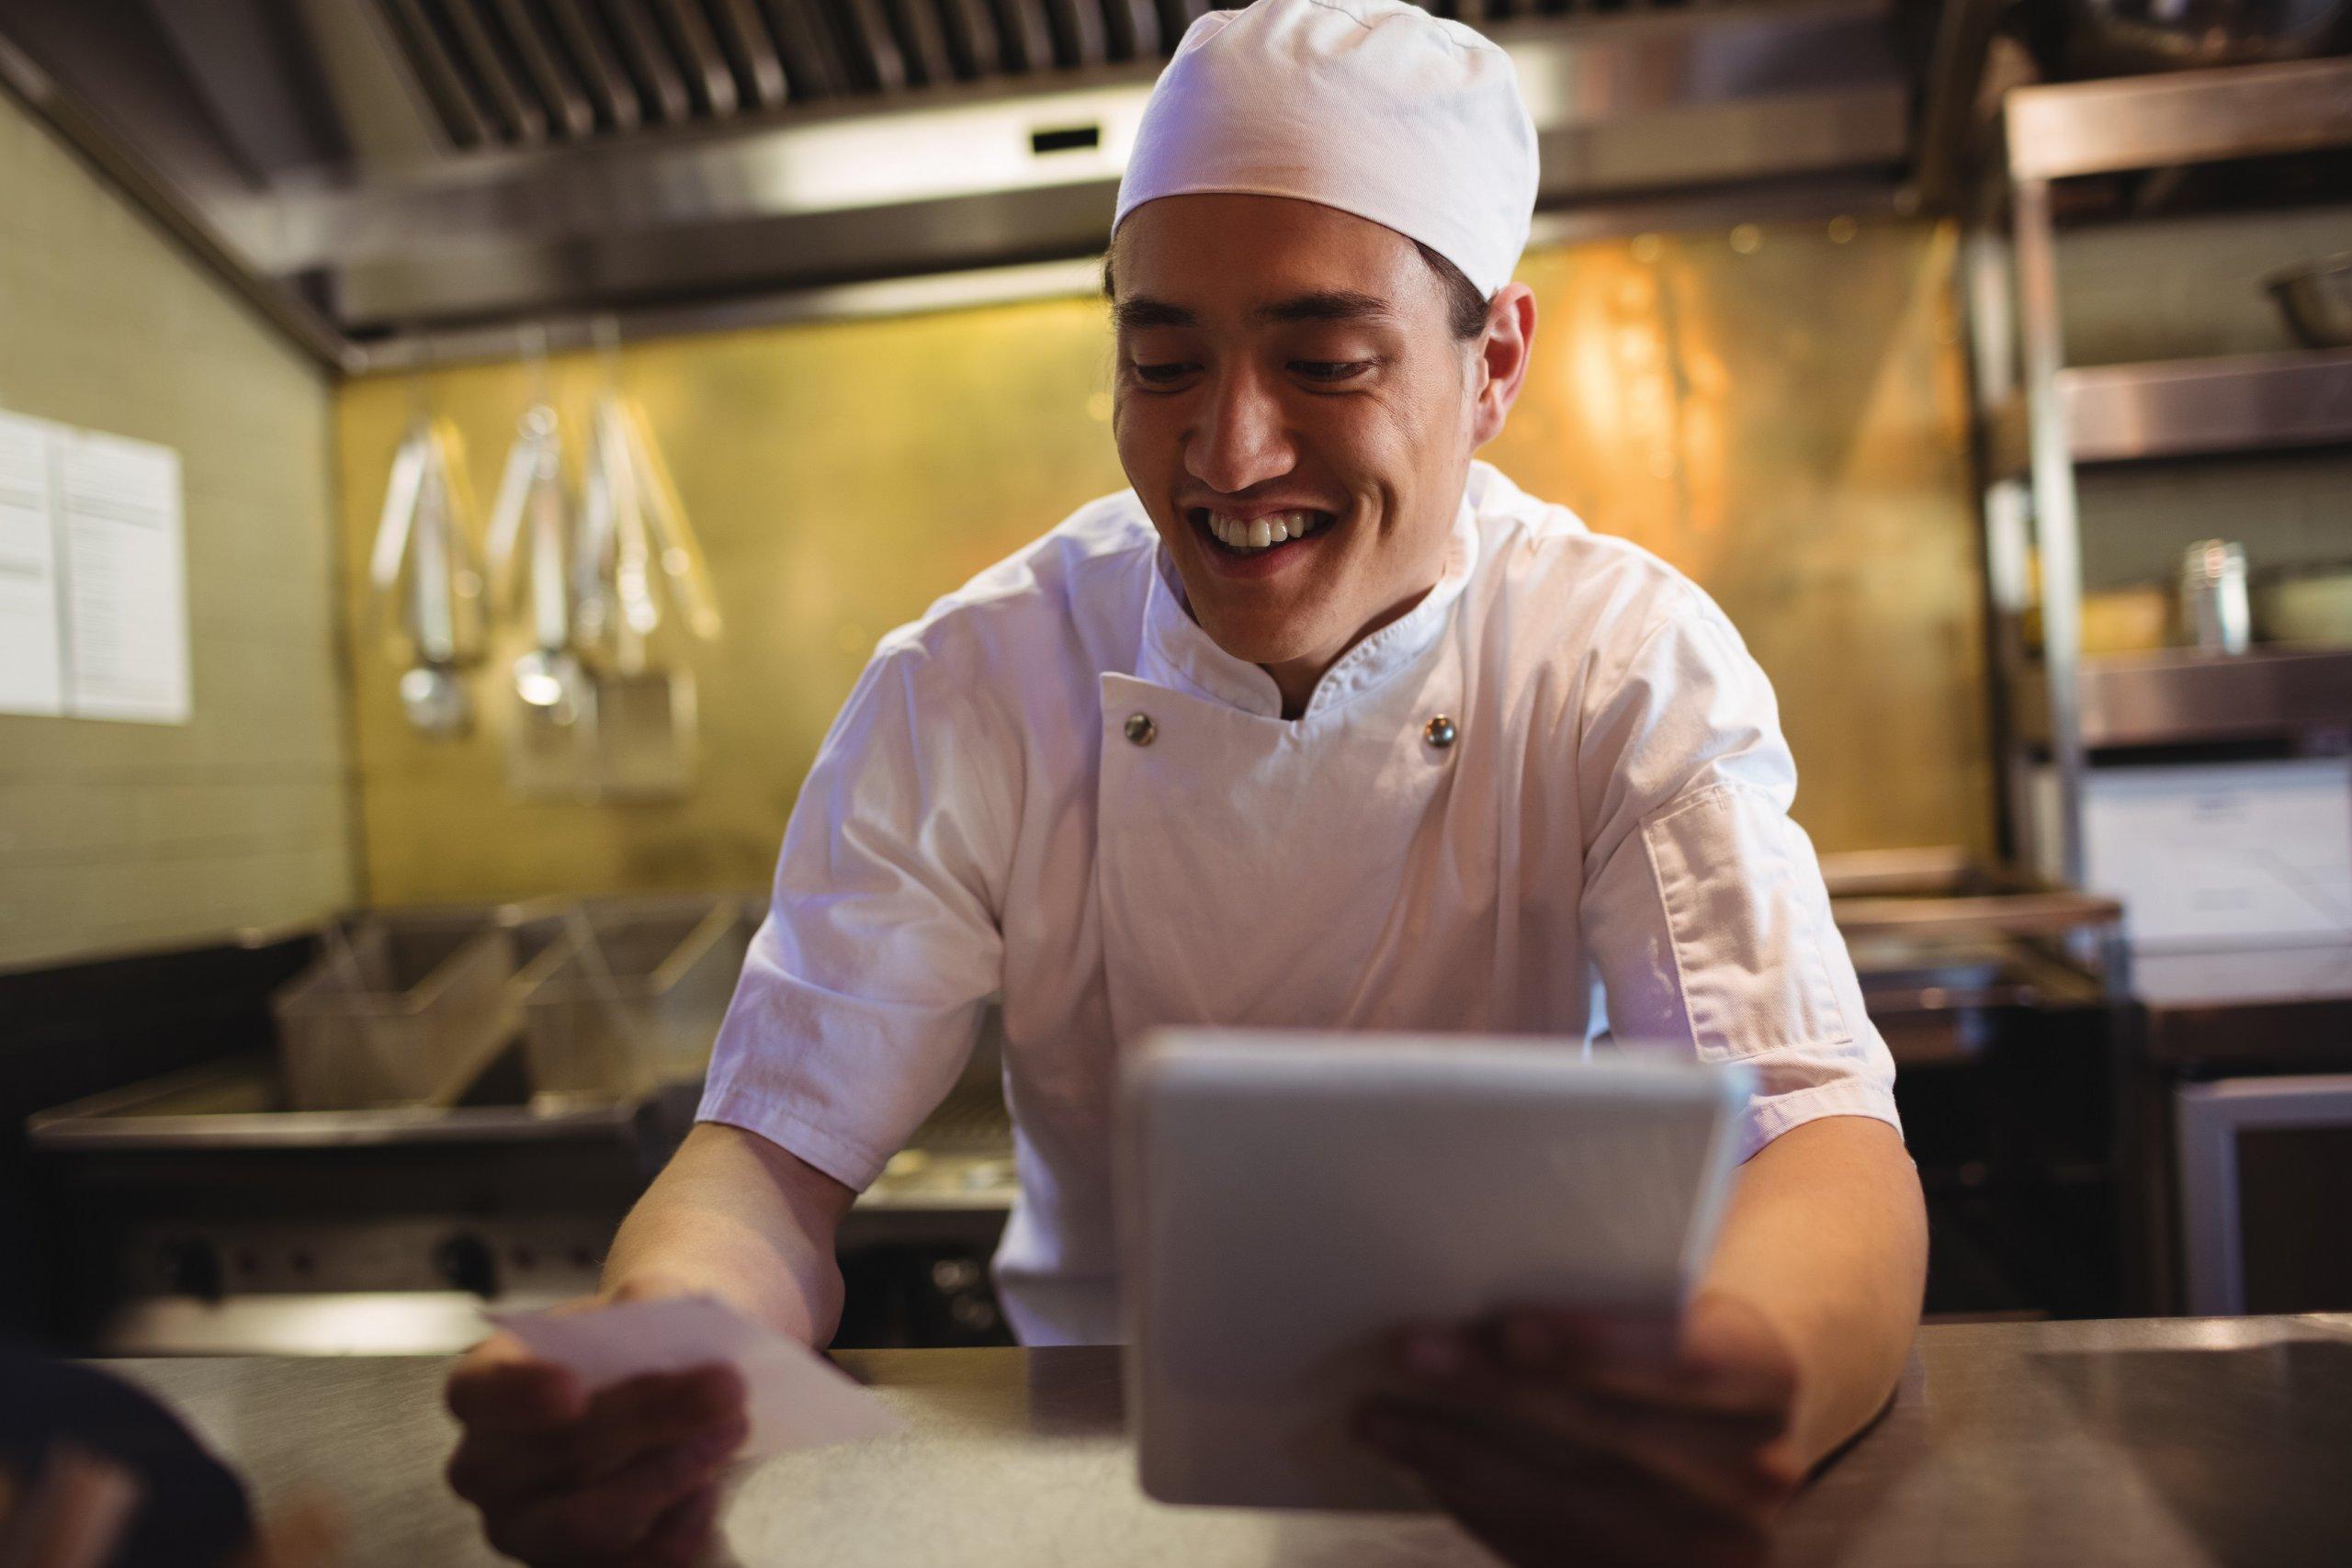 Cómo aumentar la eficiencia en los tiempos de cocina en hostelería.